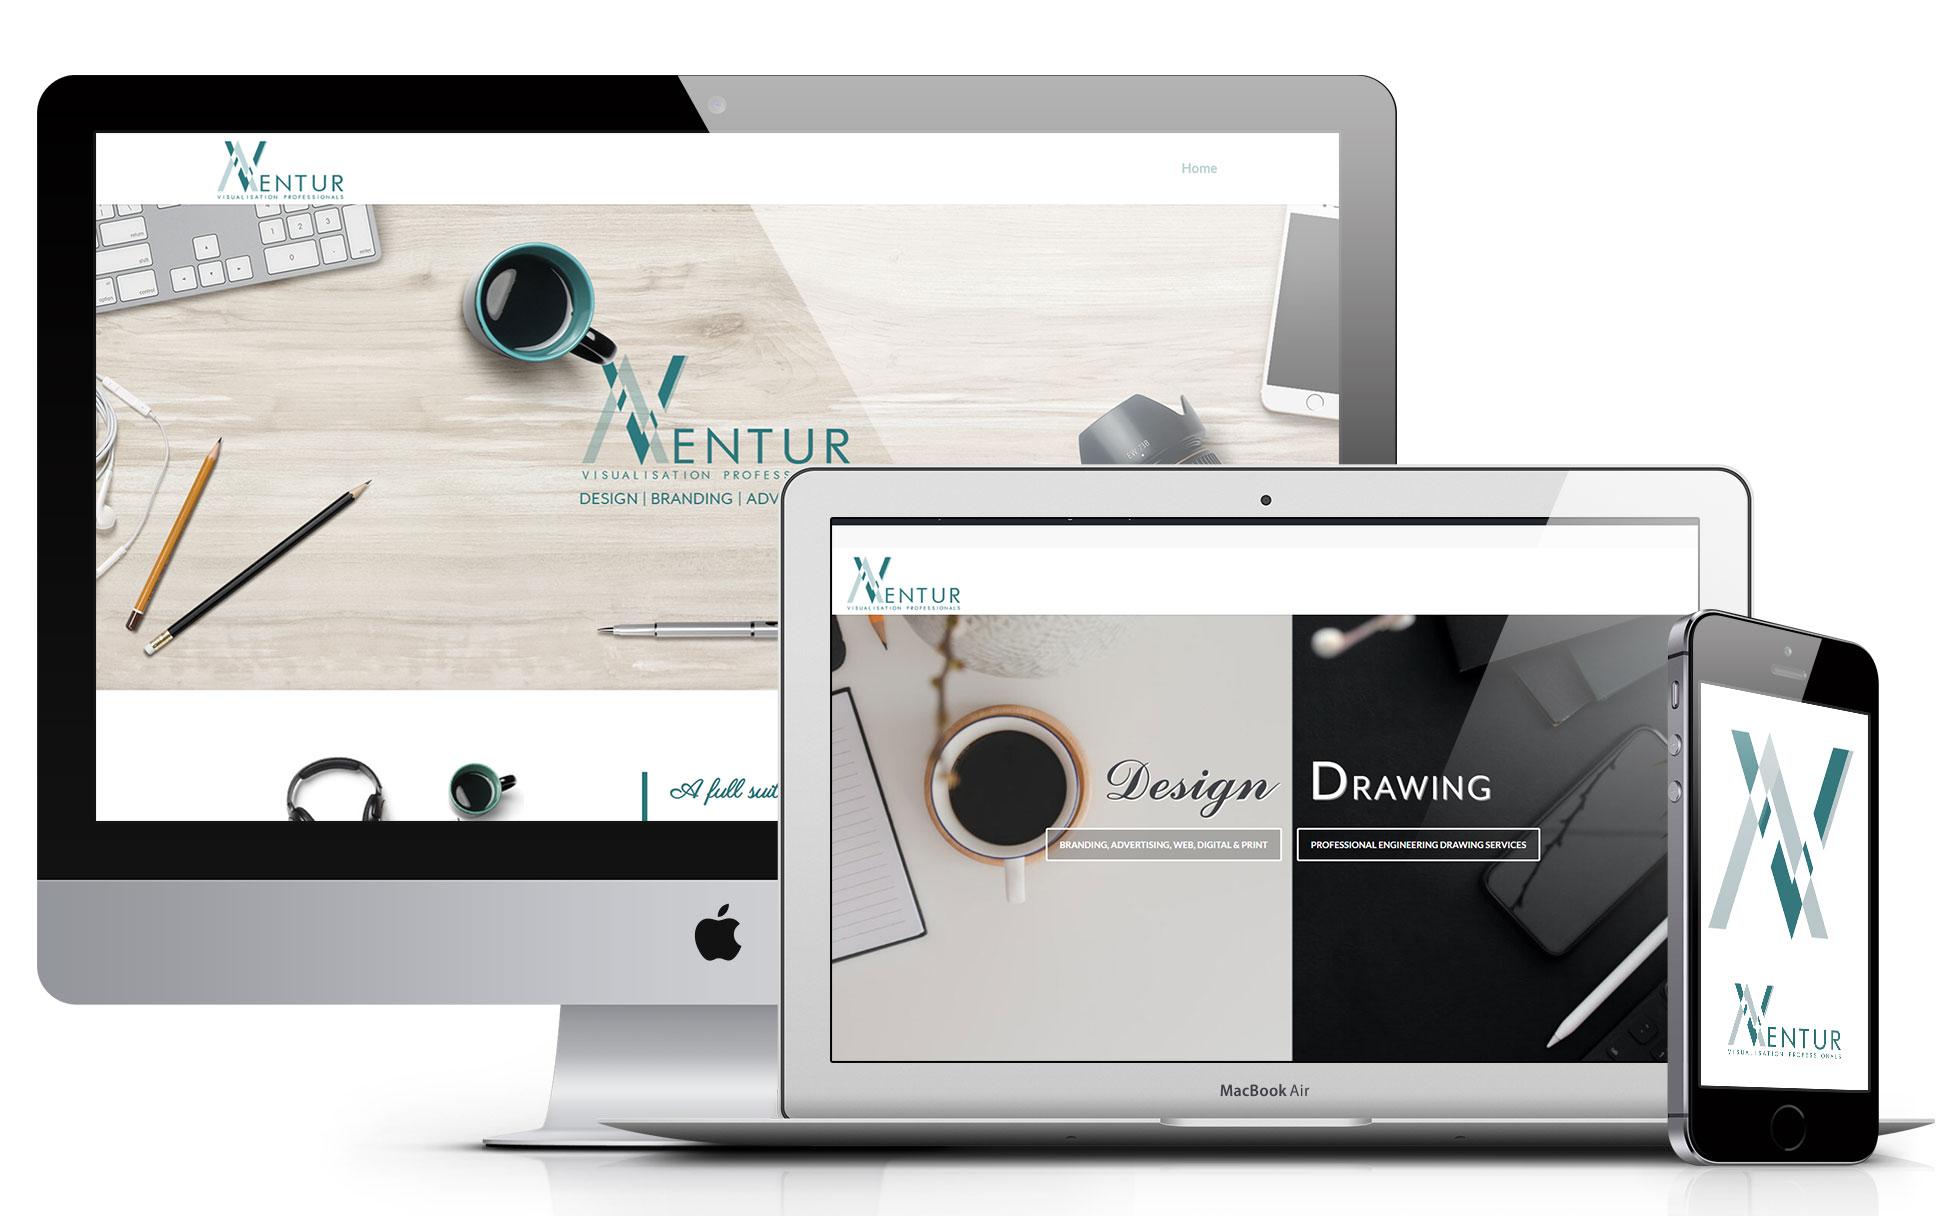 Aventur Graphic Website Design Ireland